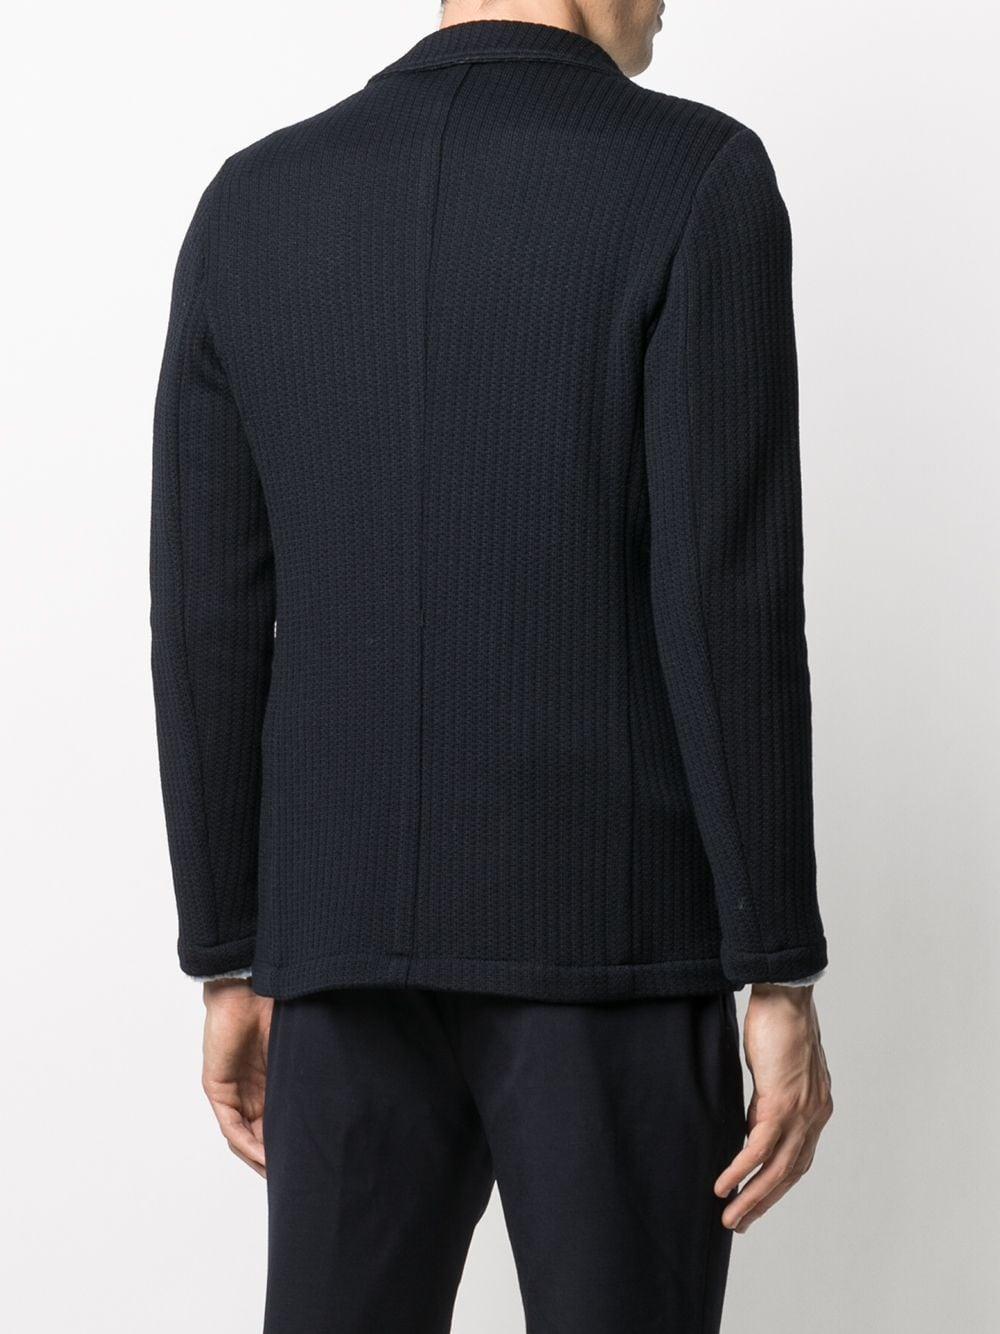 dark navy virgin wool single breasted stripe-knit blazer ALTEA |  | 206232602